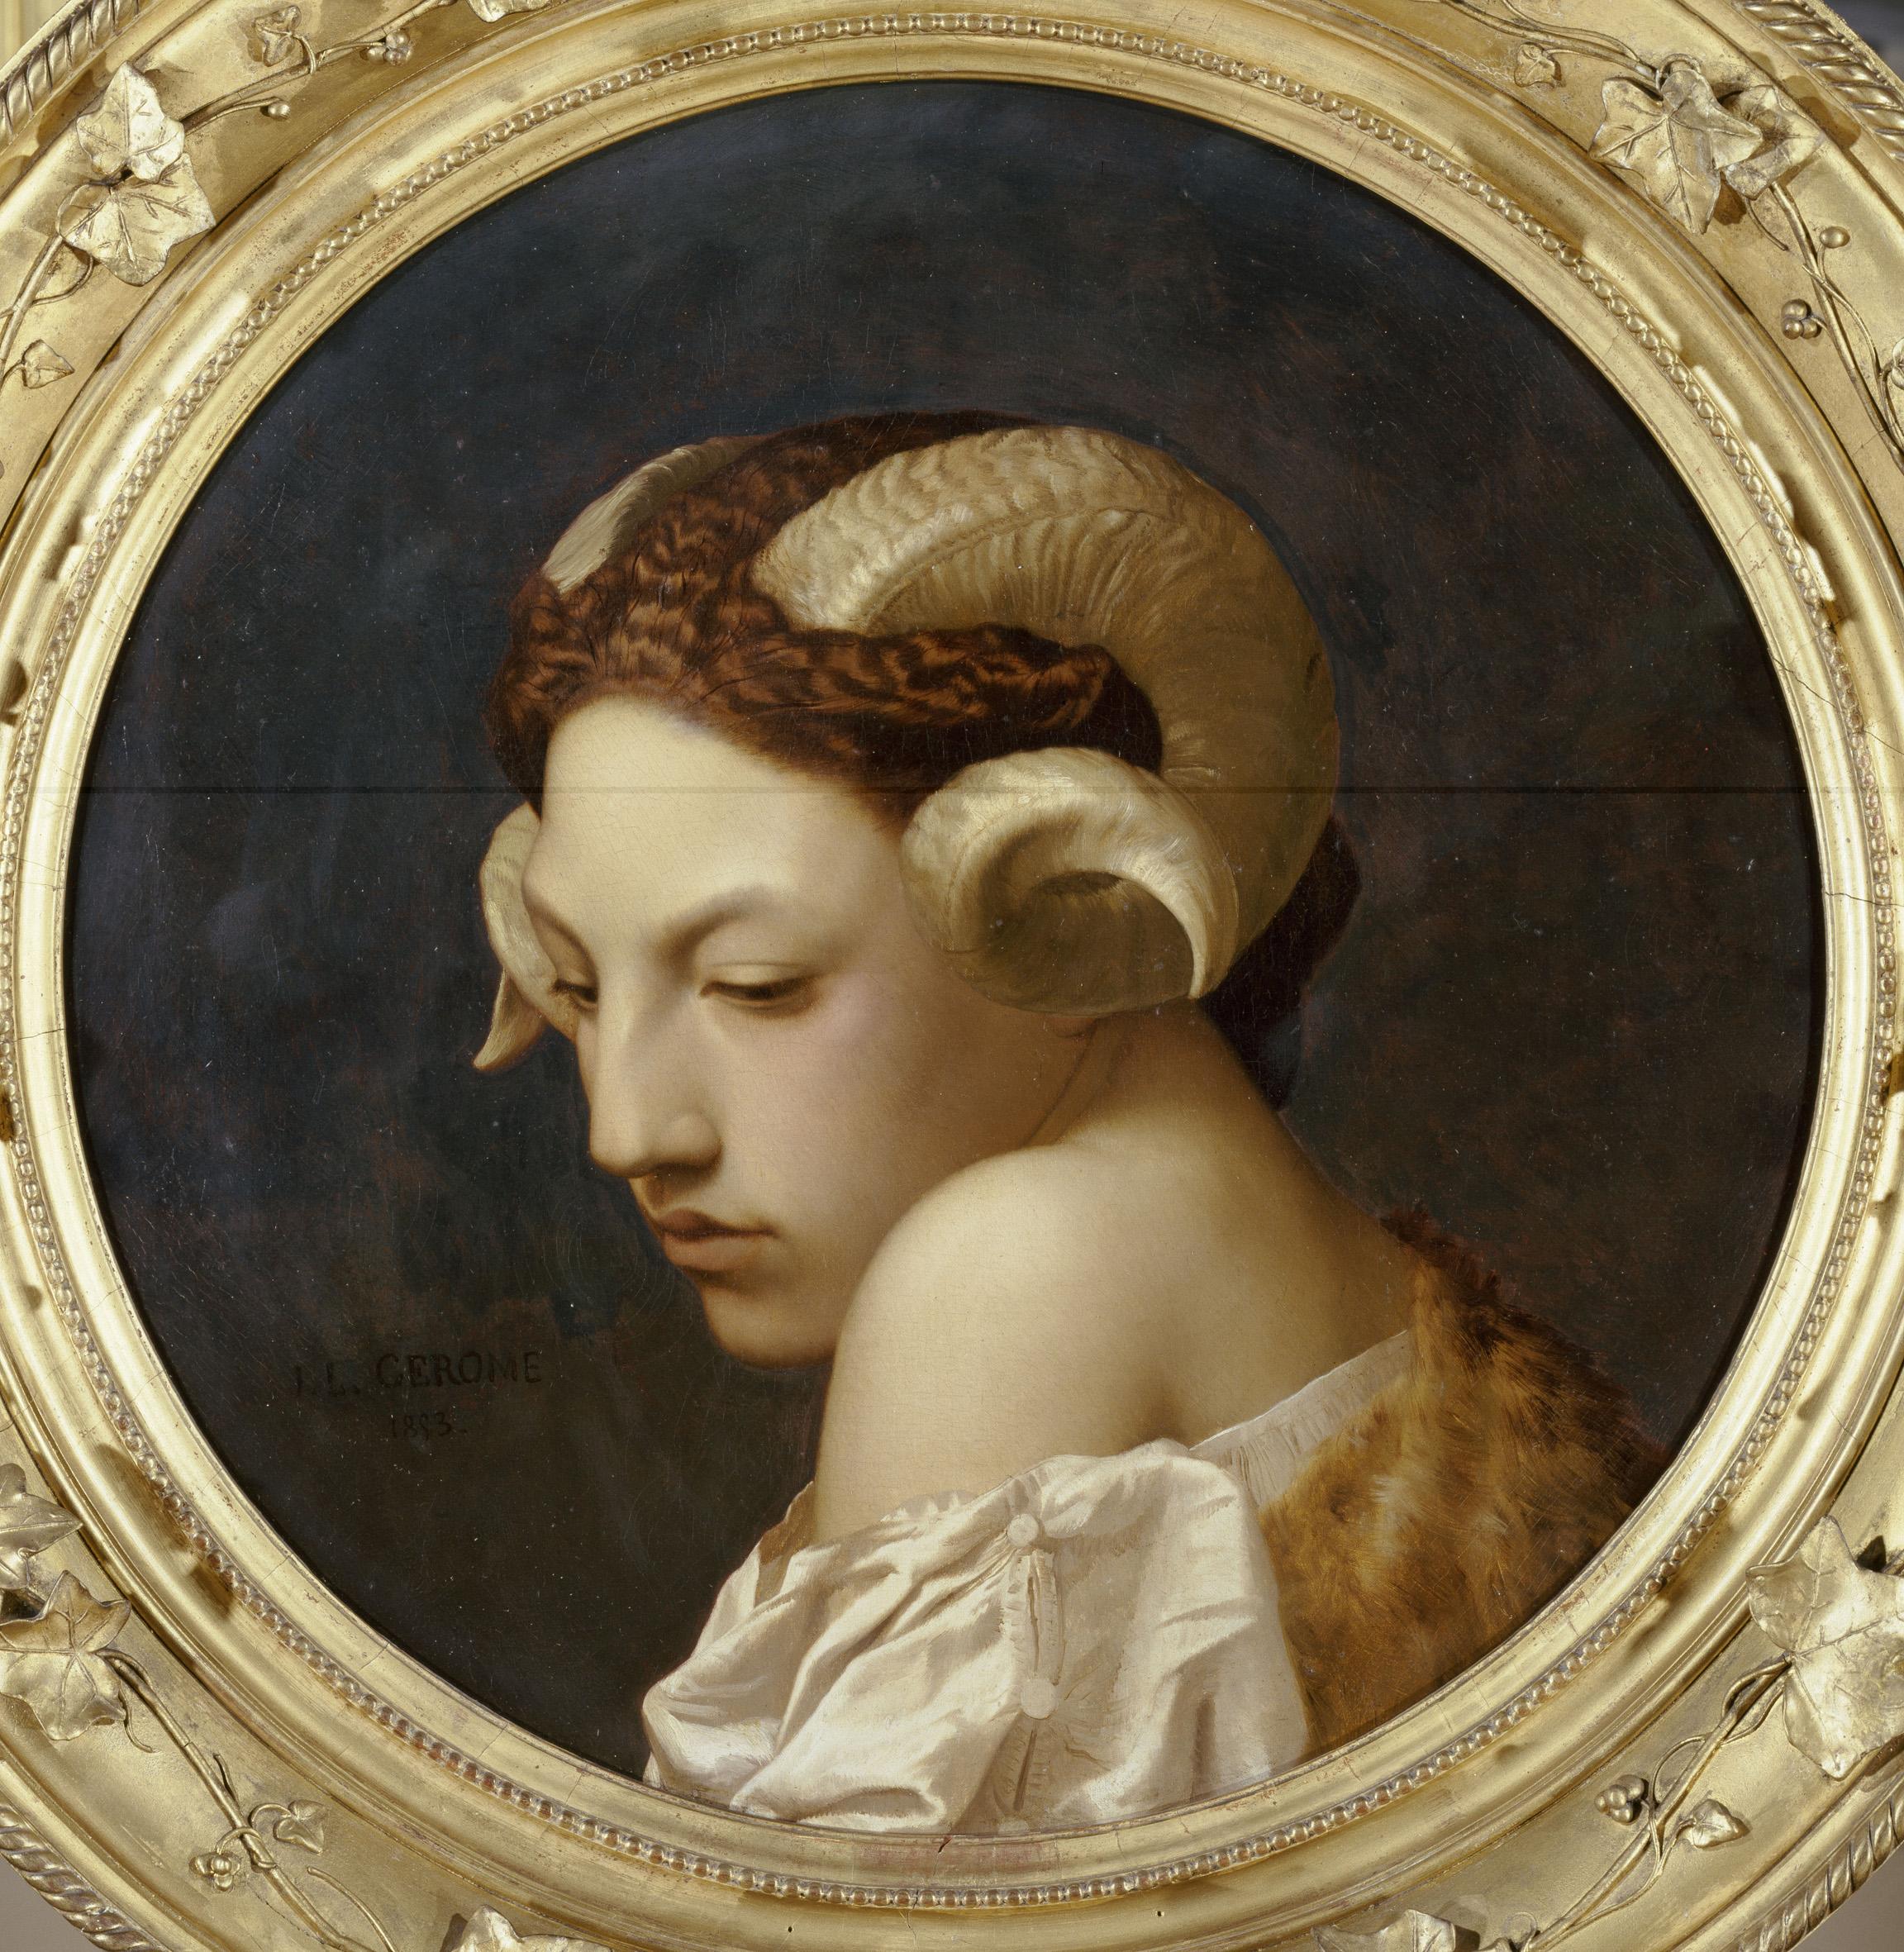 Jean-Léon Gérôme, Tête de femme coiffée de cornes de bélier , 1853, huile sur toile, Nantes, musée des Beaux-Arts. Photo © RMN-Grand Palais/Gérard Blot